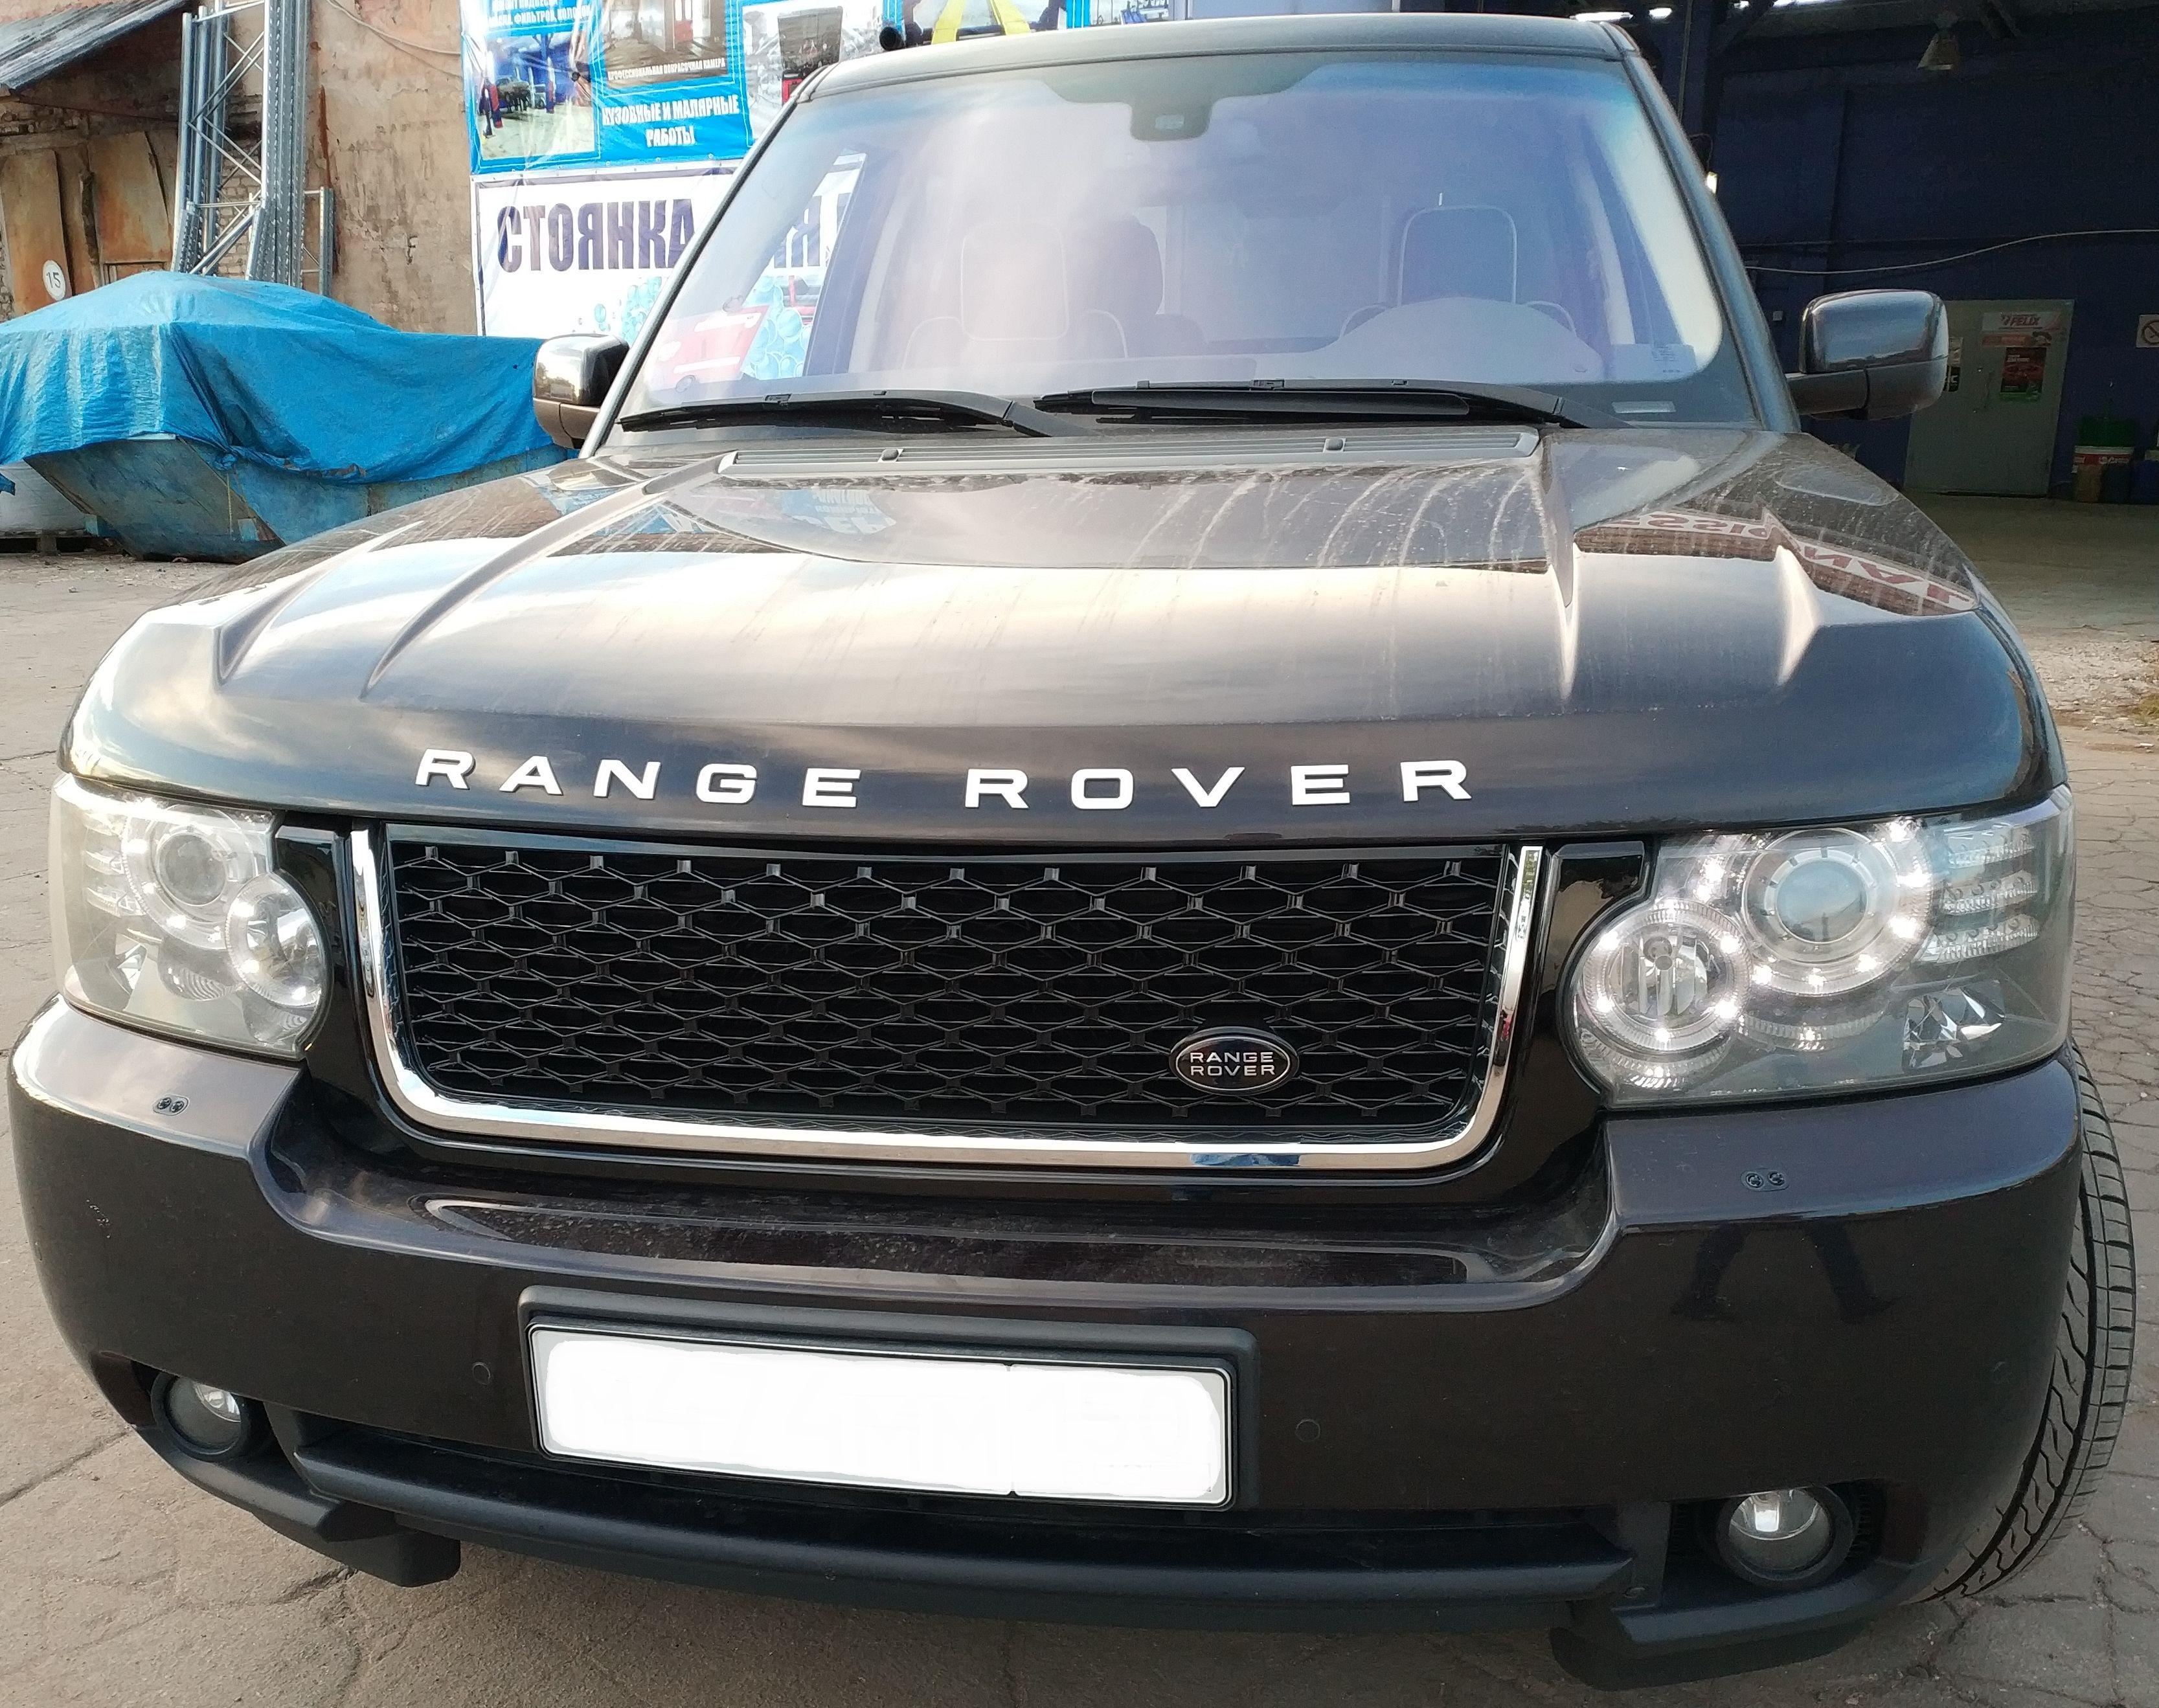 Решетка радиатора и жабры в стиле Autobiography для Range Rover Vogue 2010-2012